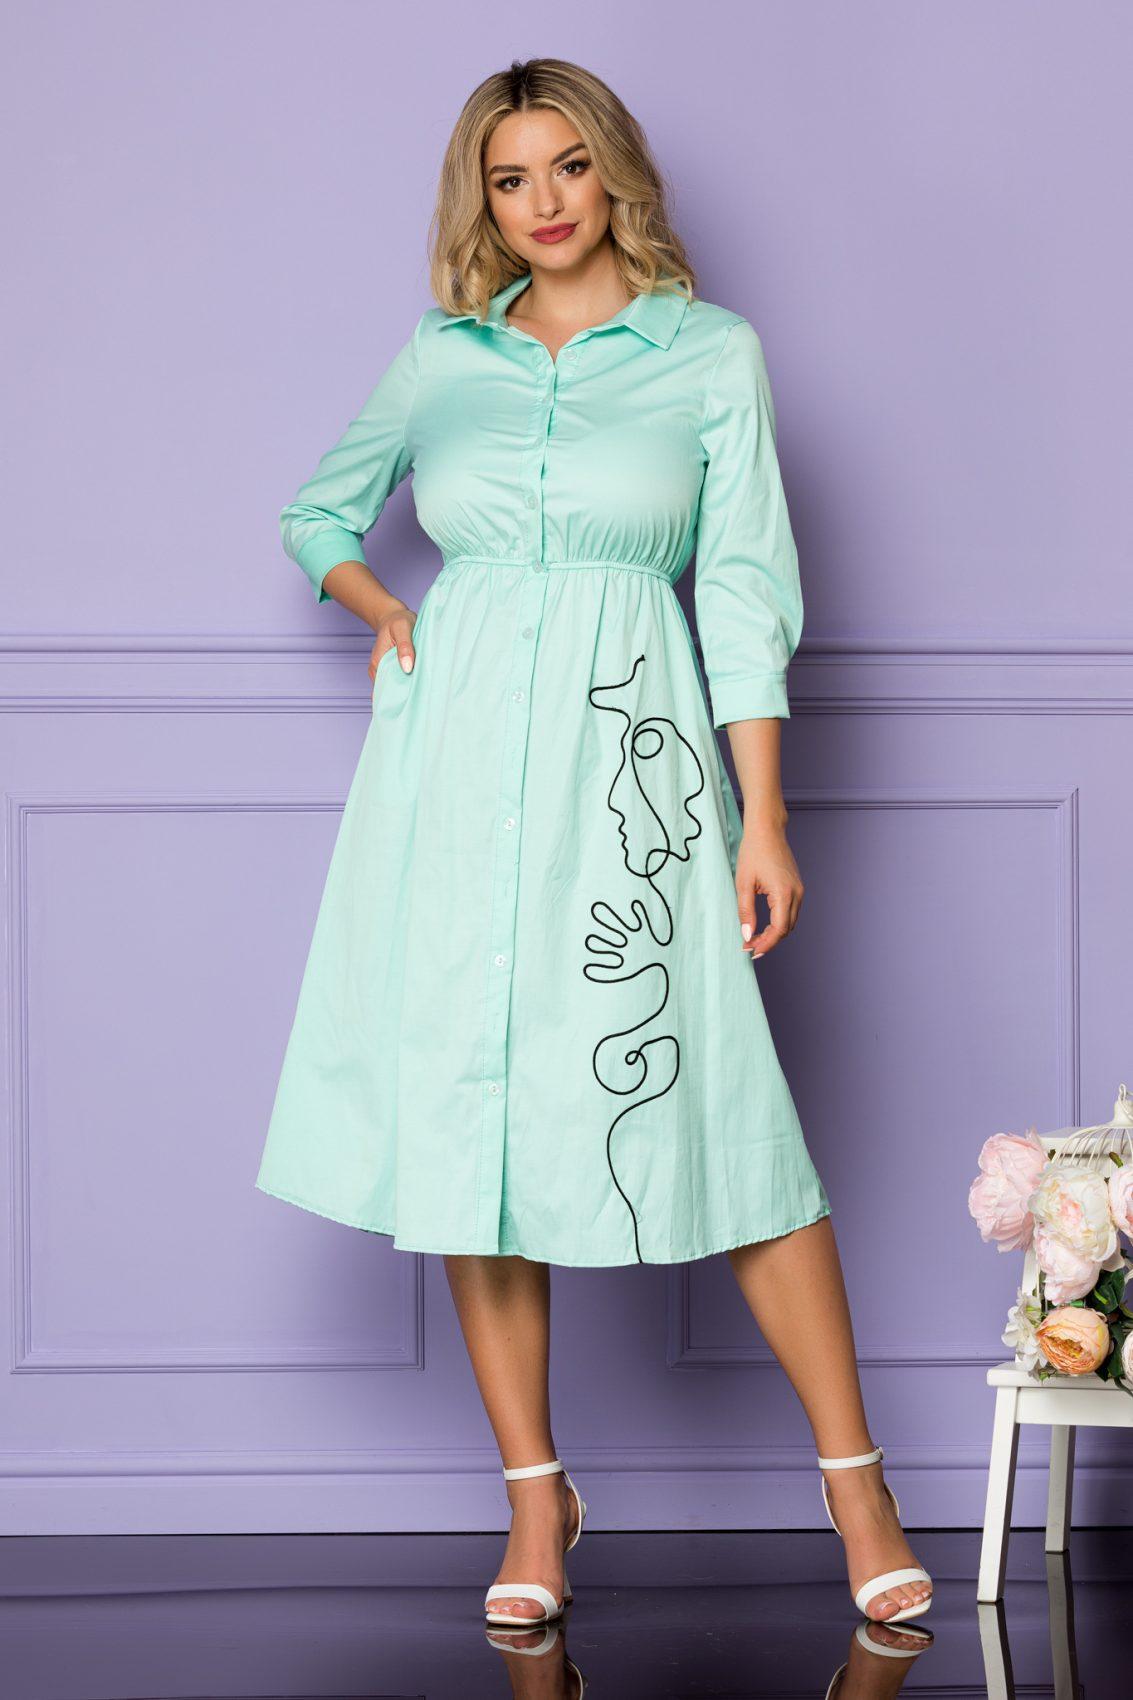 Μέντα Σεμιζιέ Φόρεμα Yarina A1095 1